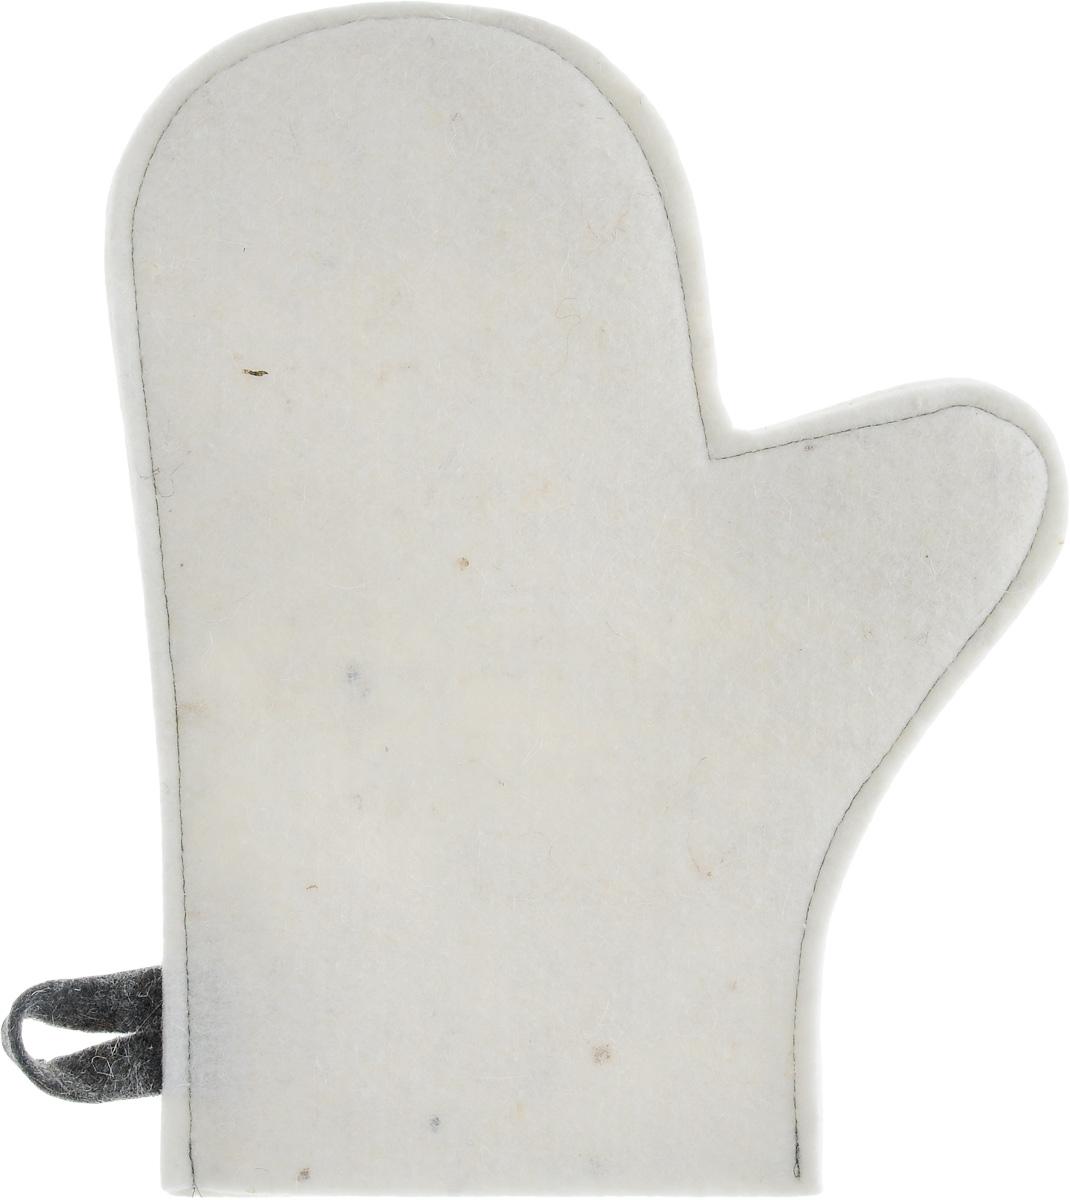 Рукавица для бани и сауны Главбаня, цвет: белыйБ43Рукавица Главбаня, изготовленная из шерсти, - незаменимый банный атрибут. Изделие оснащено петелькой для подвешивания на крючок. Такая рукавица защищает руки от горячего пара, делает комфортным пребывание в парной. Также ею можно прекрасно промассировать тело. Размер рукавицы: 28,5 х 16 см. Материал: шерсть.